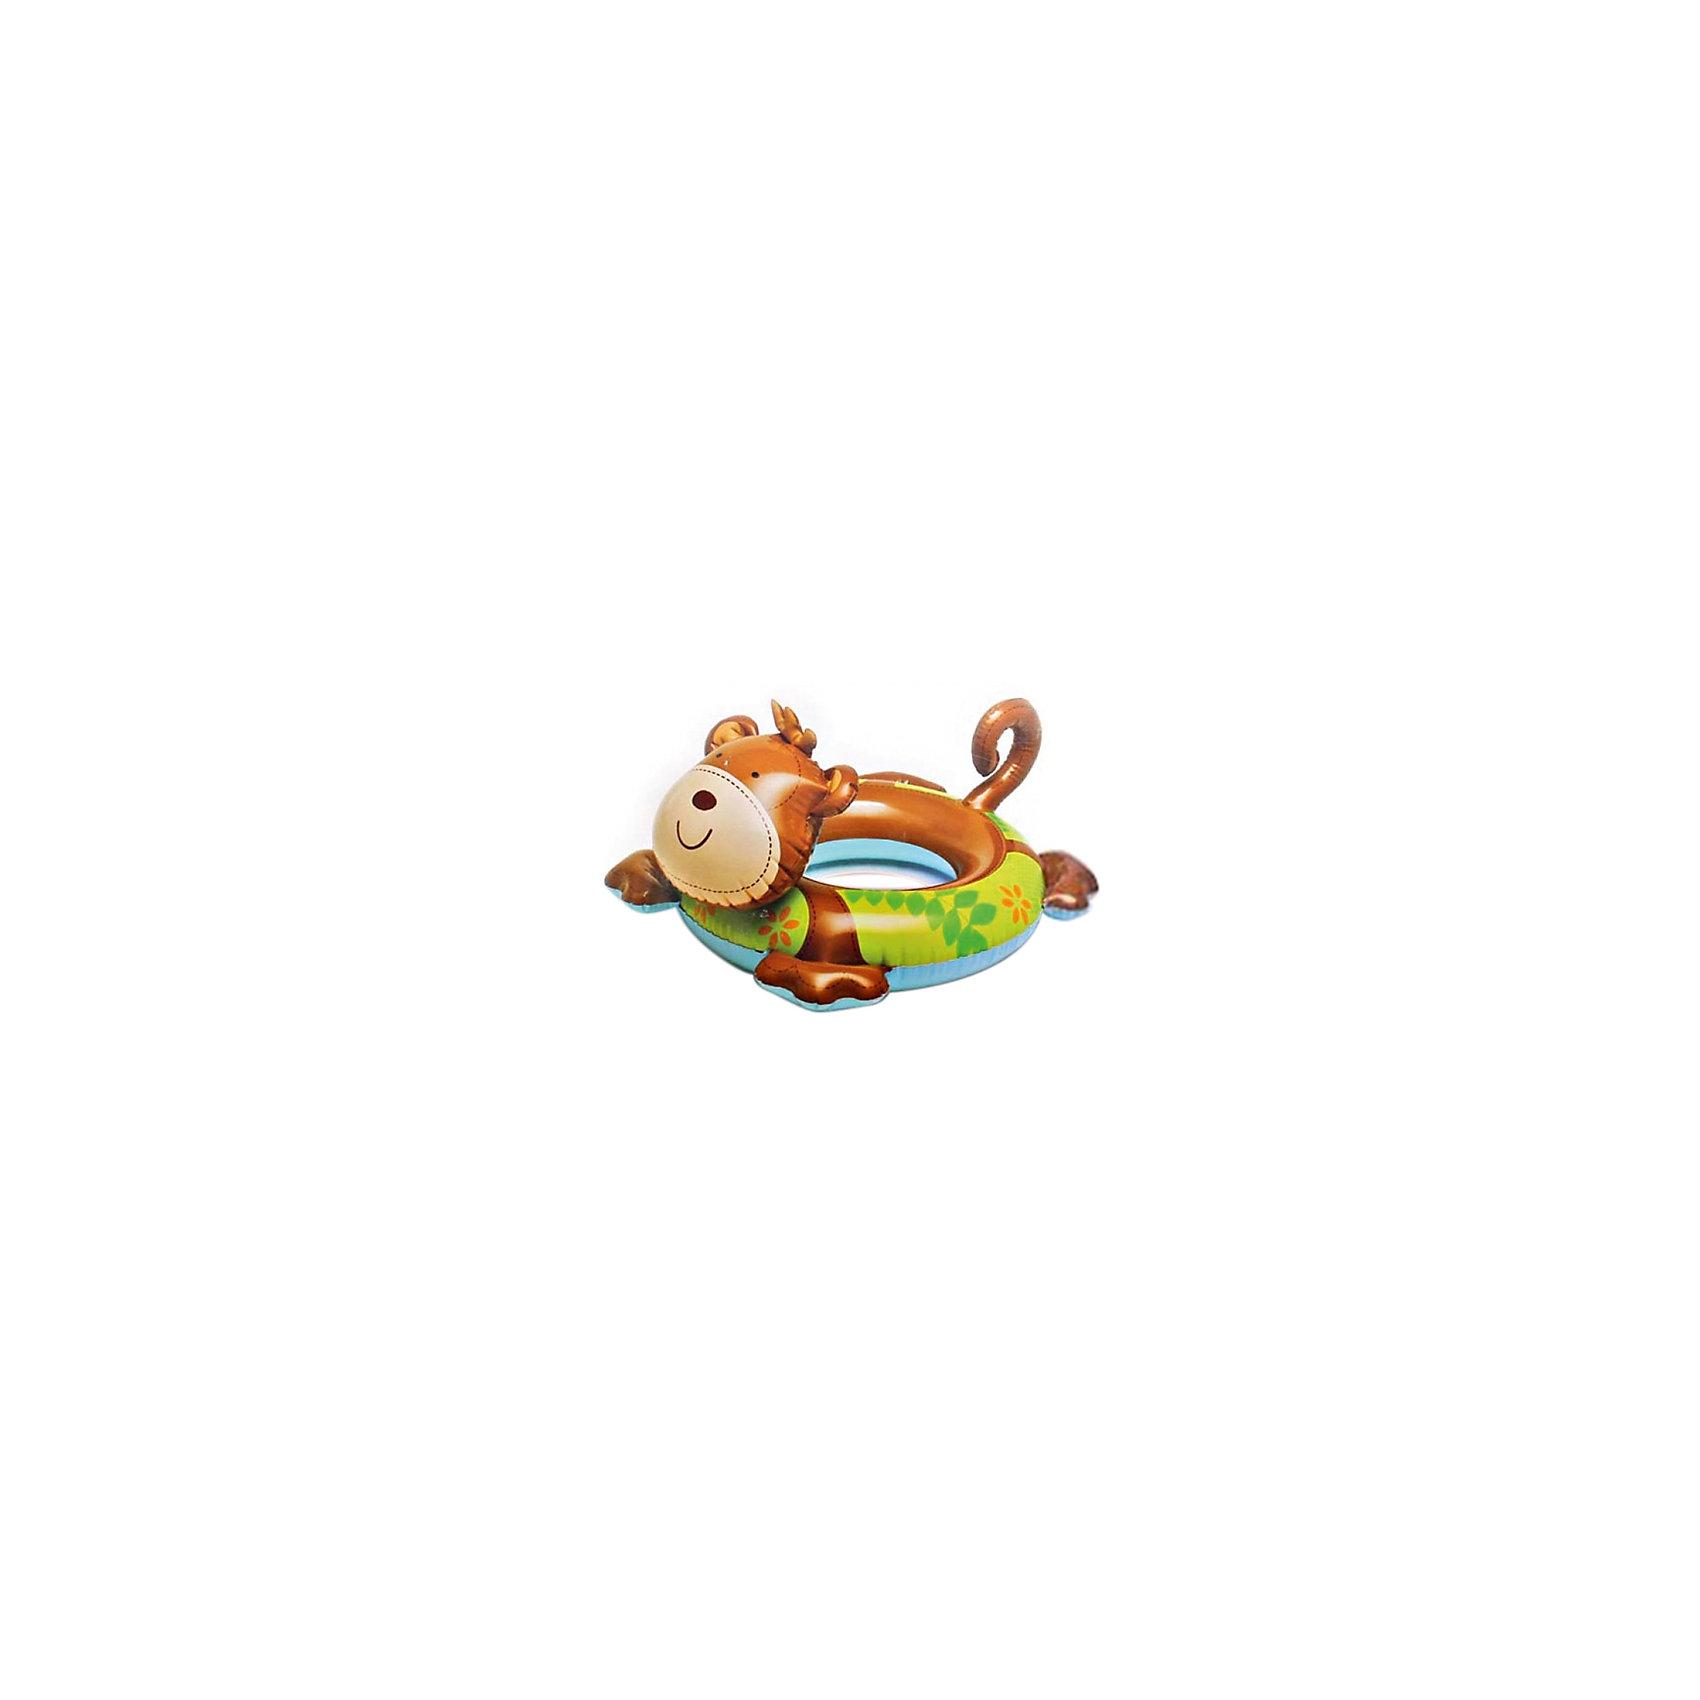 Intex Детский надувной круг Зверюшка - Обезьянка, Intex intex надувной круг для плавания 76 см